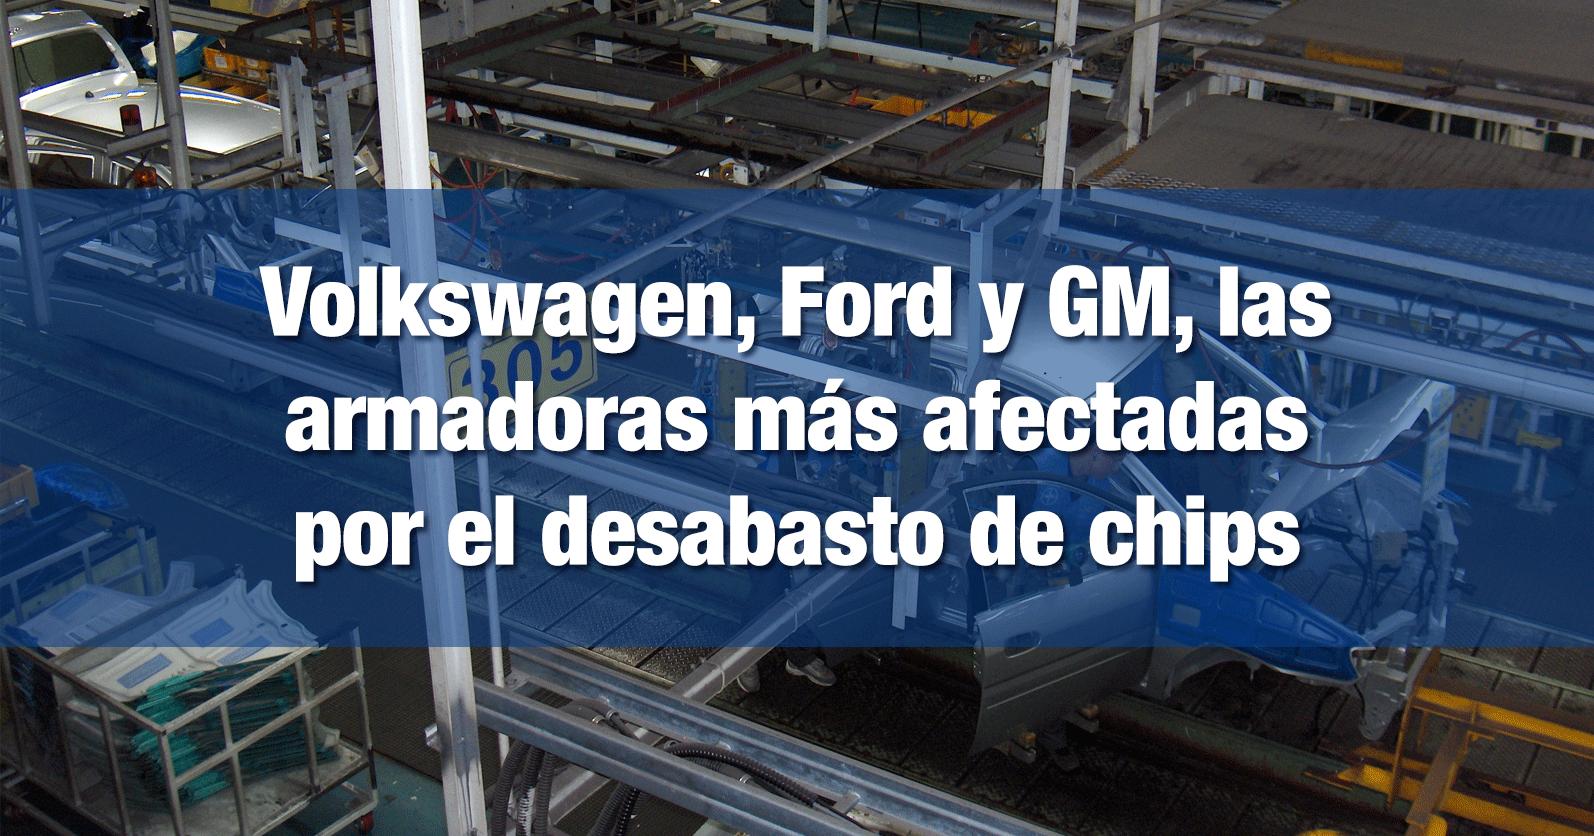 Volkswagen, Ford y GM, las armadoras más afectadas por el desabasto de chips